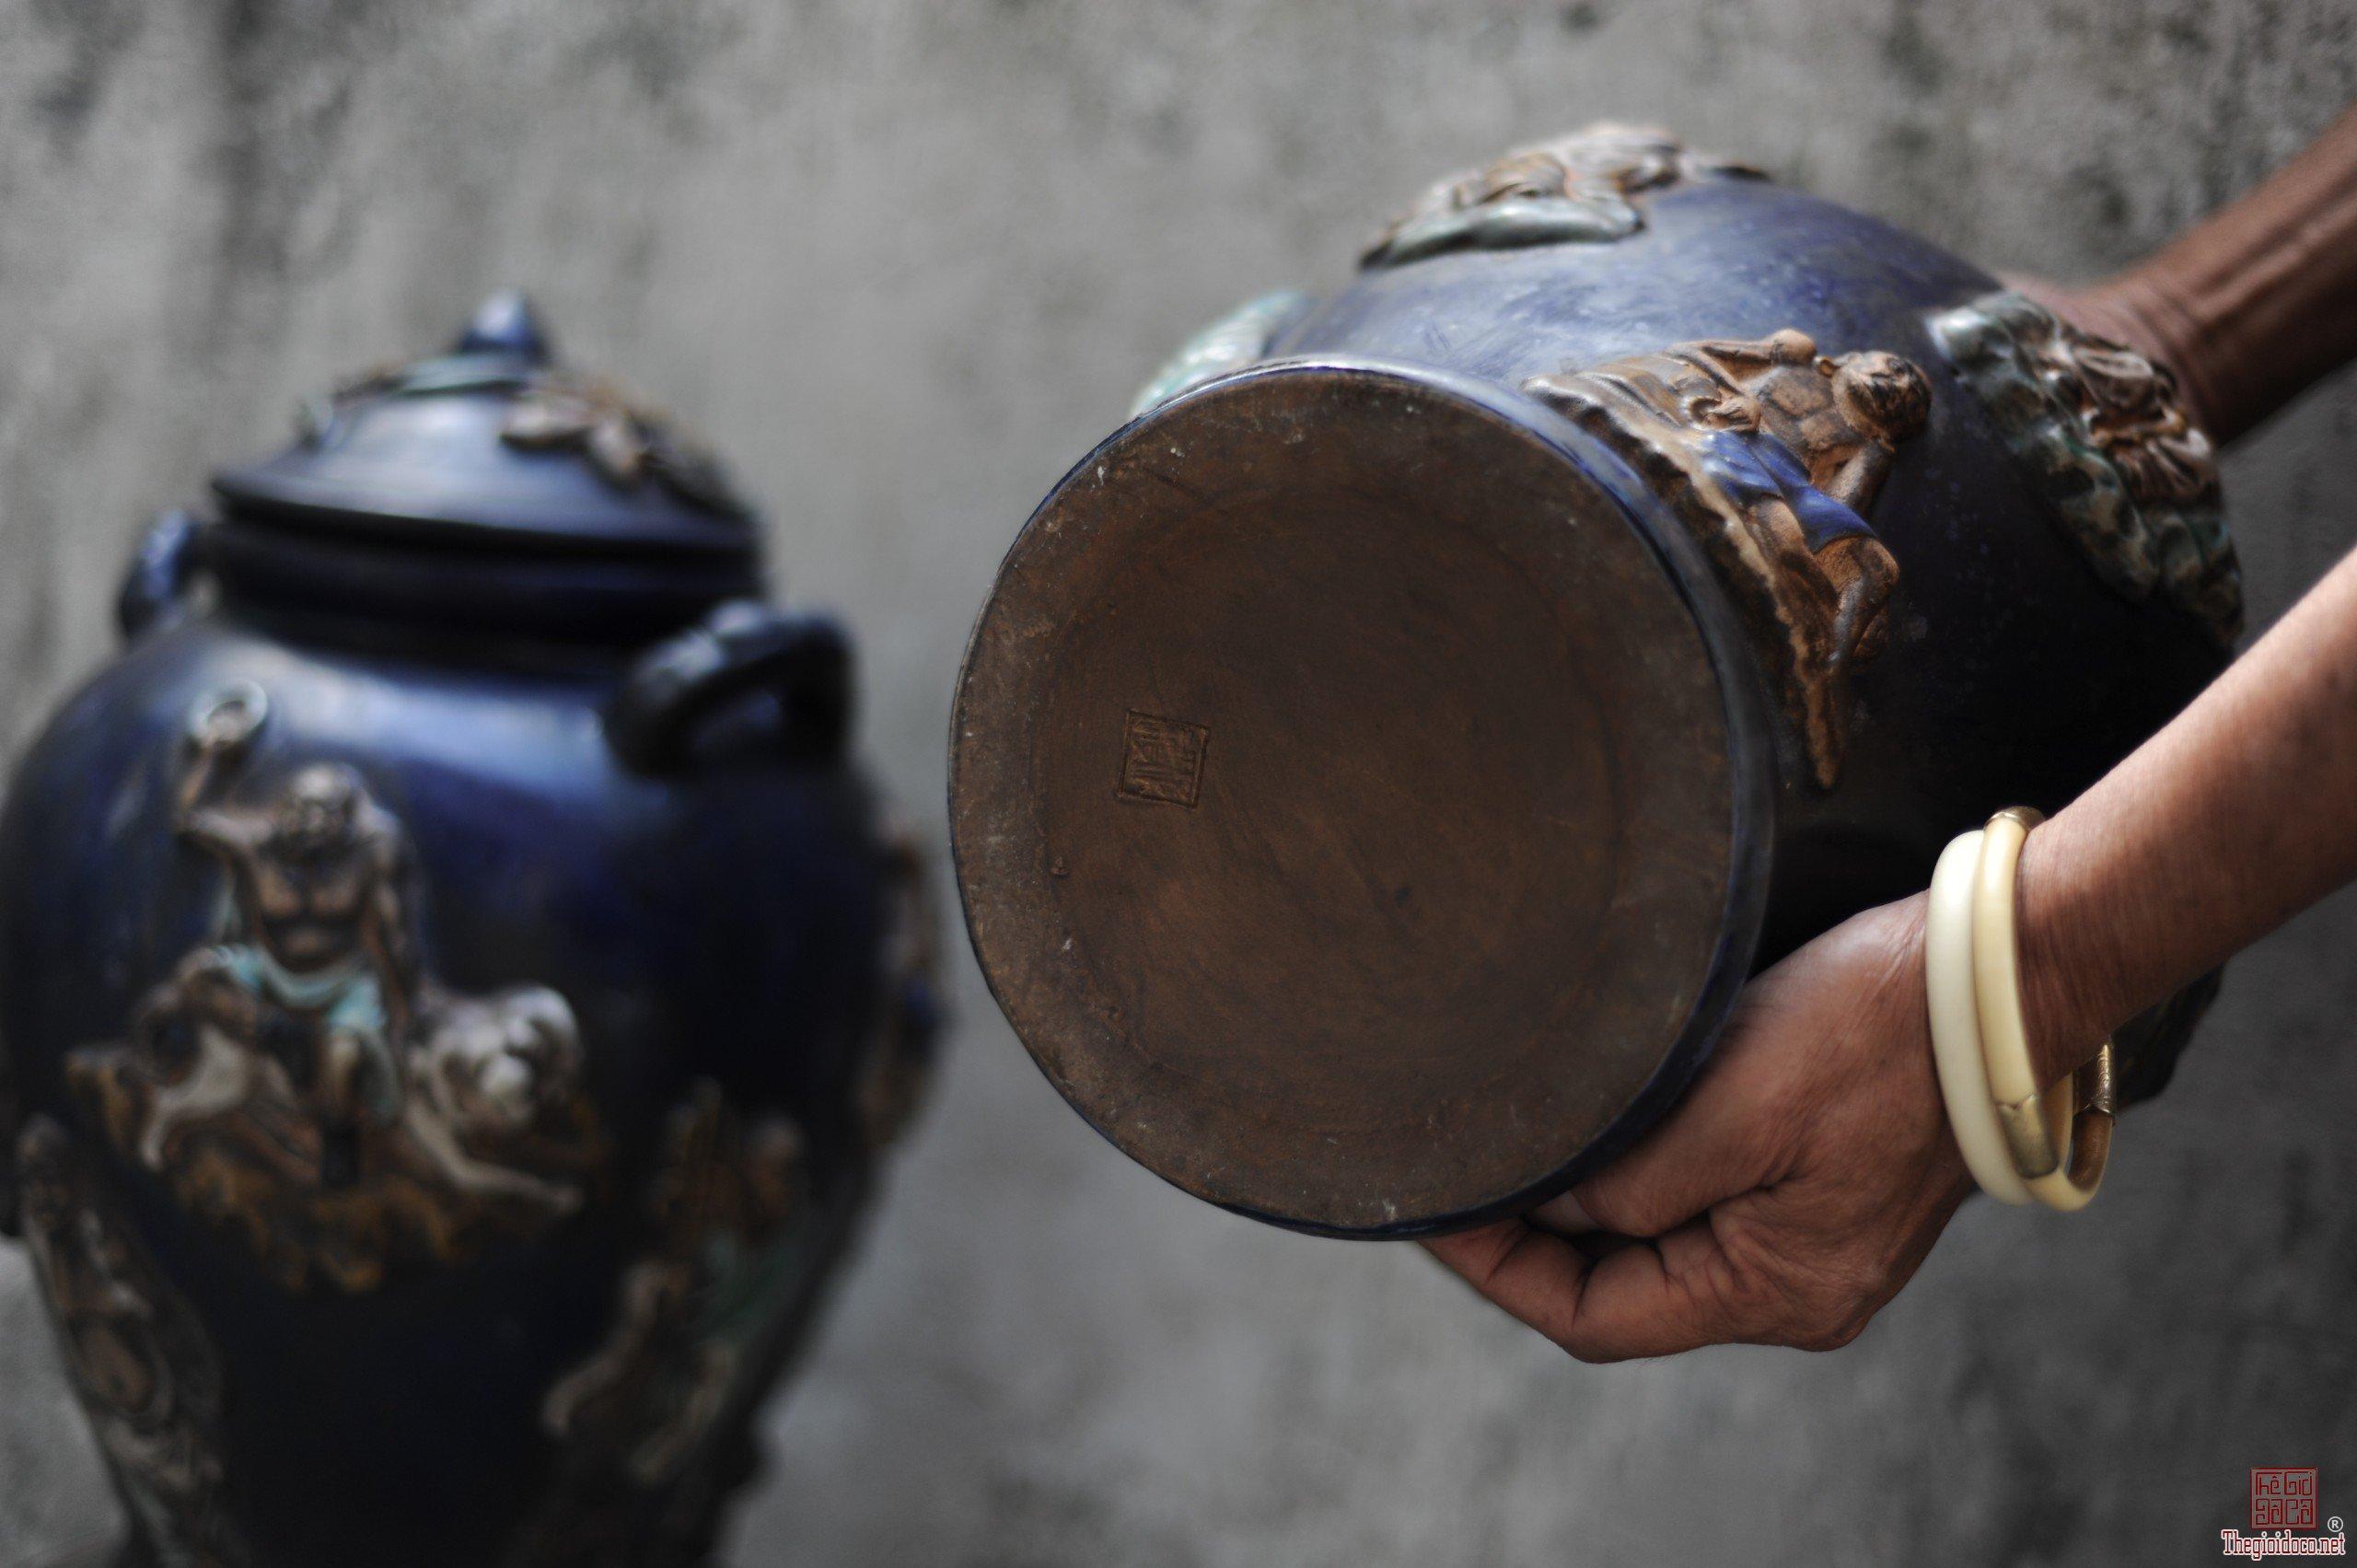 Thanh lý các sản phẩm gốm Biên Hòa Nam Bộ Lái Thiêu xưa